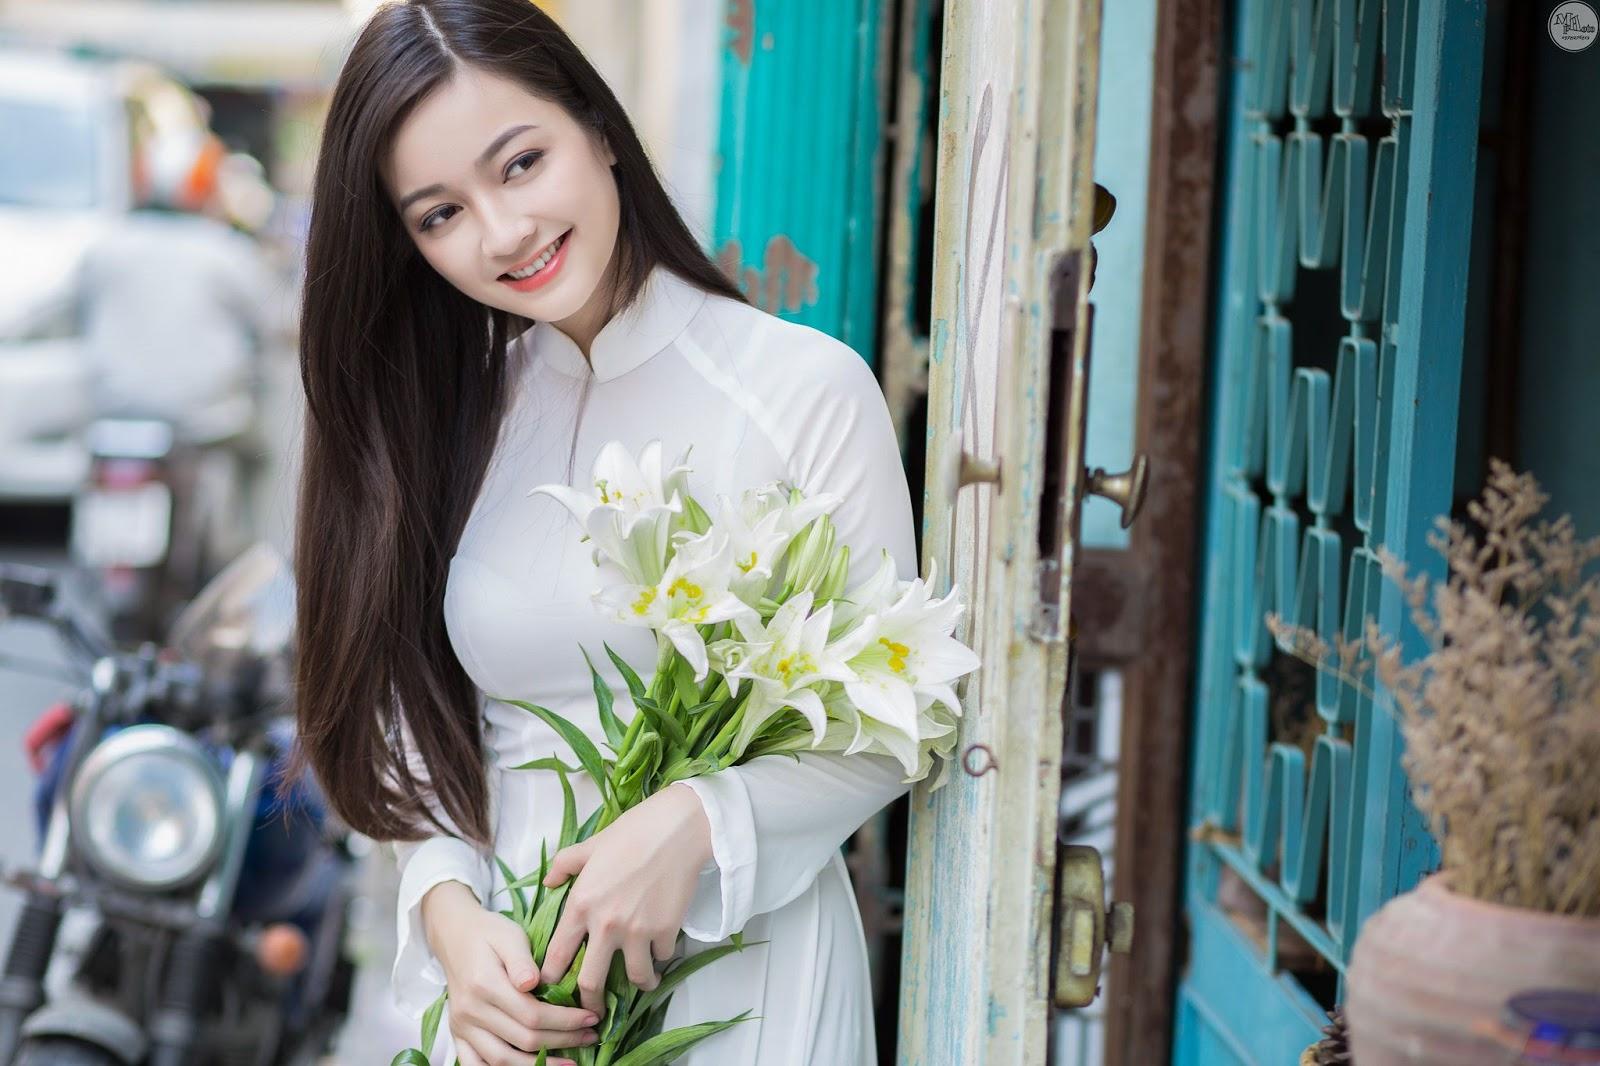 Top ảnh girl xinh Việt với áo dài thướt tha đẹp mê mẩn lòng người #2